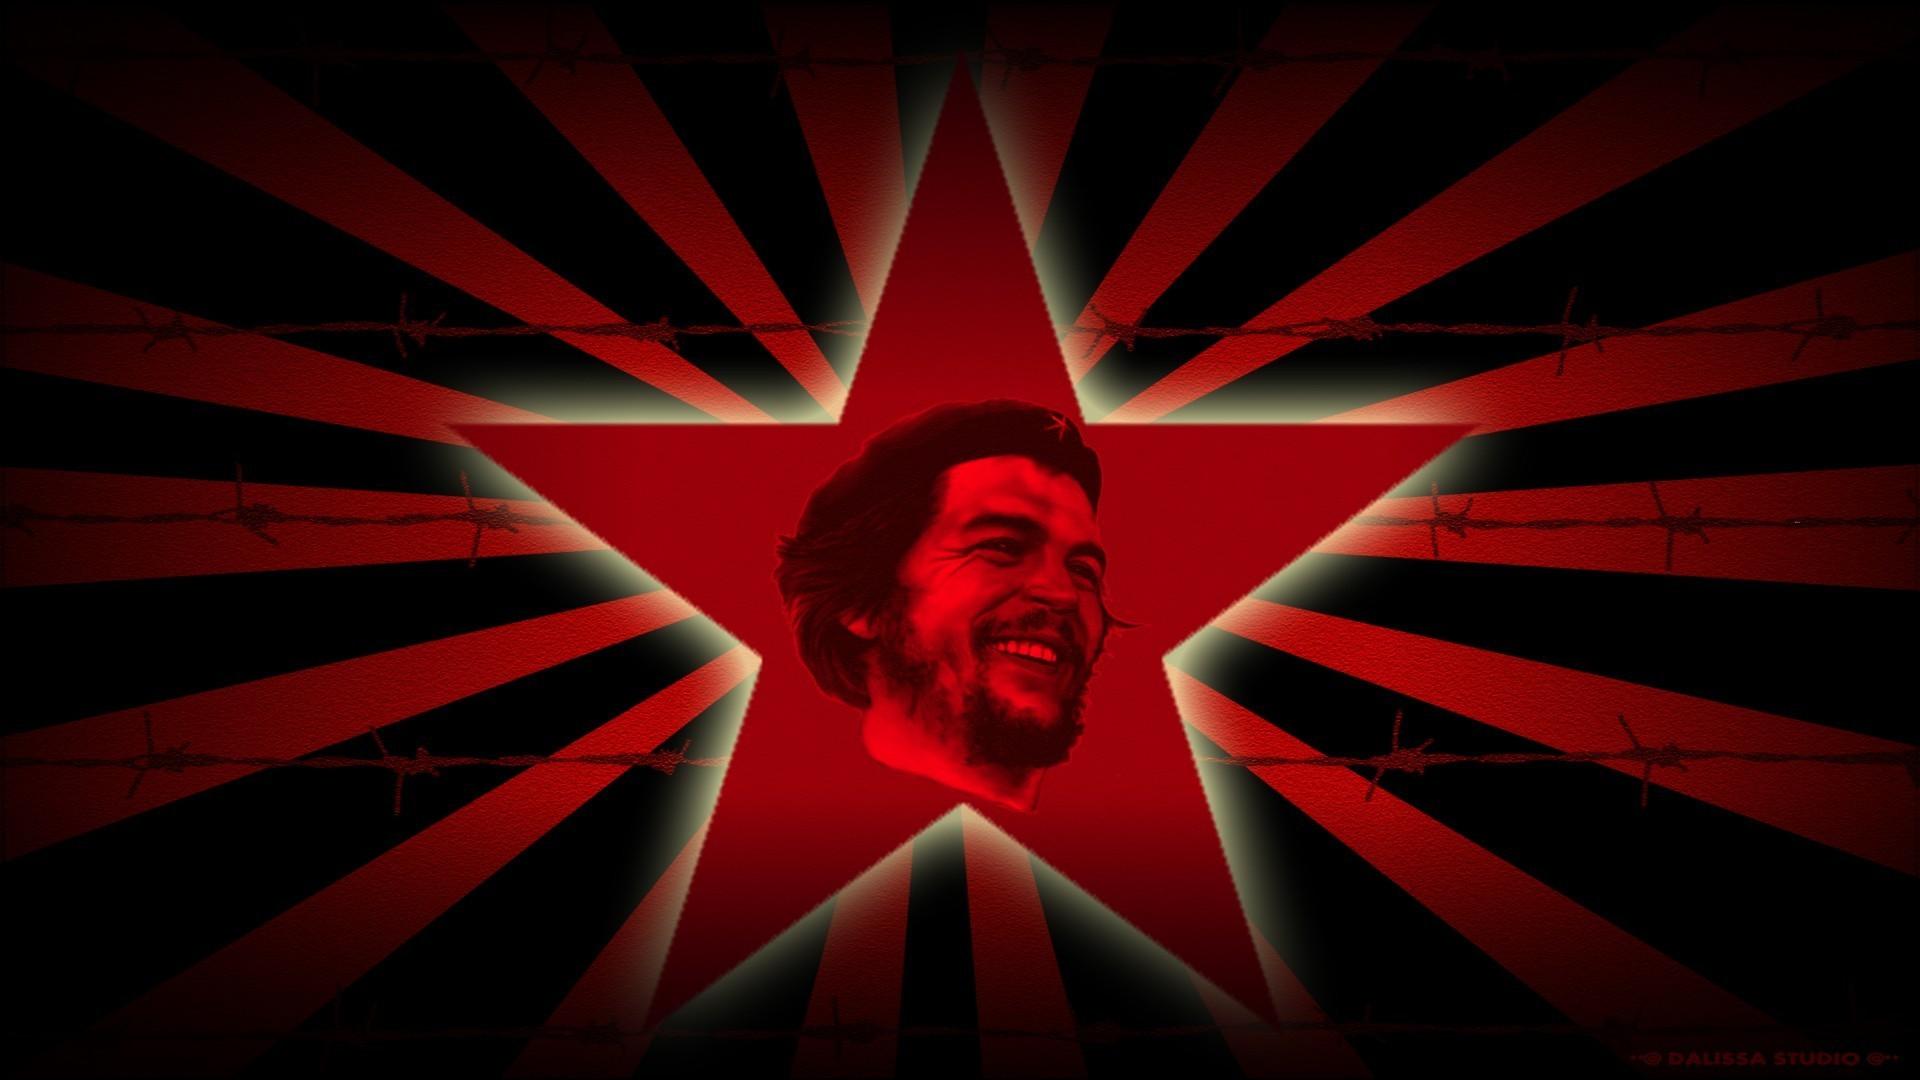 Revolution Che Guevara Red Star Leader Murderer Guerrilla .